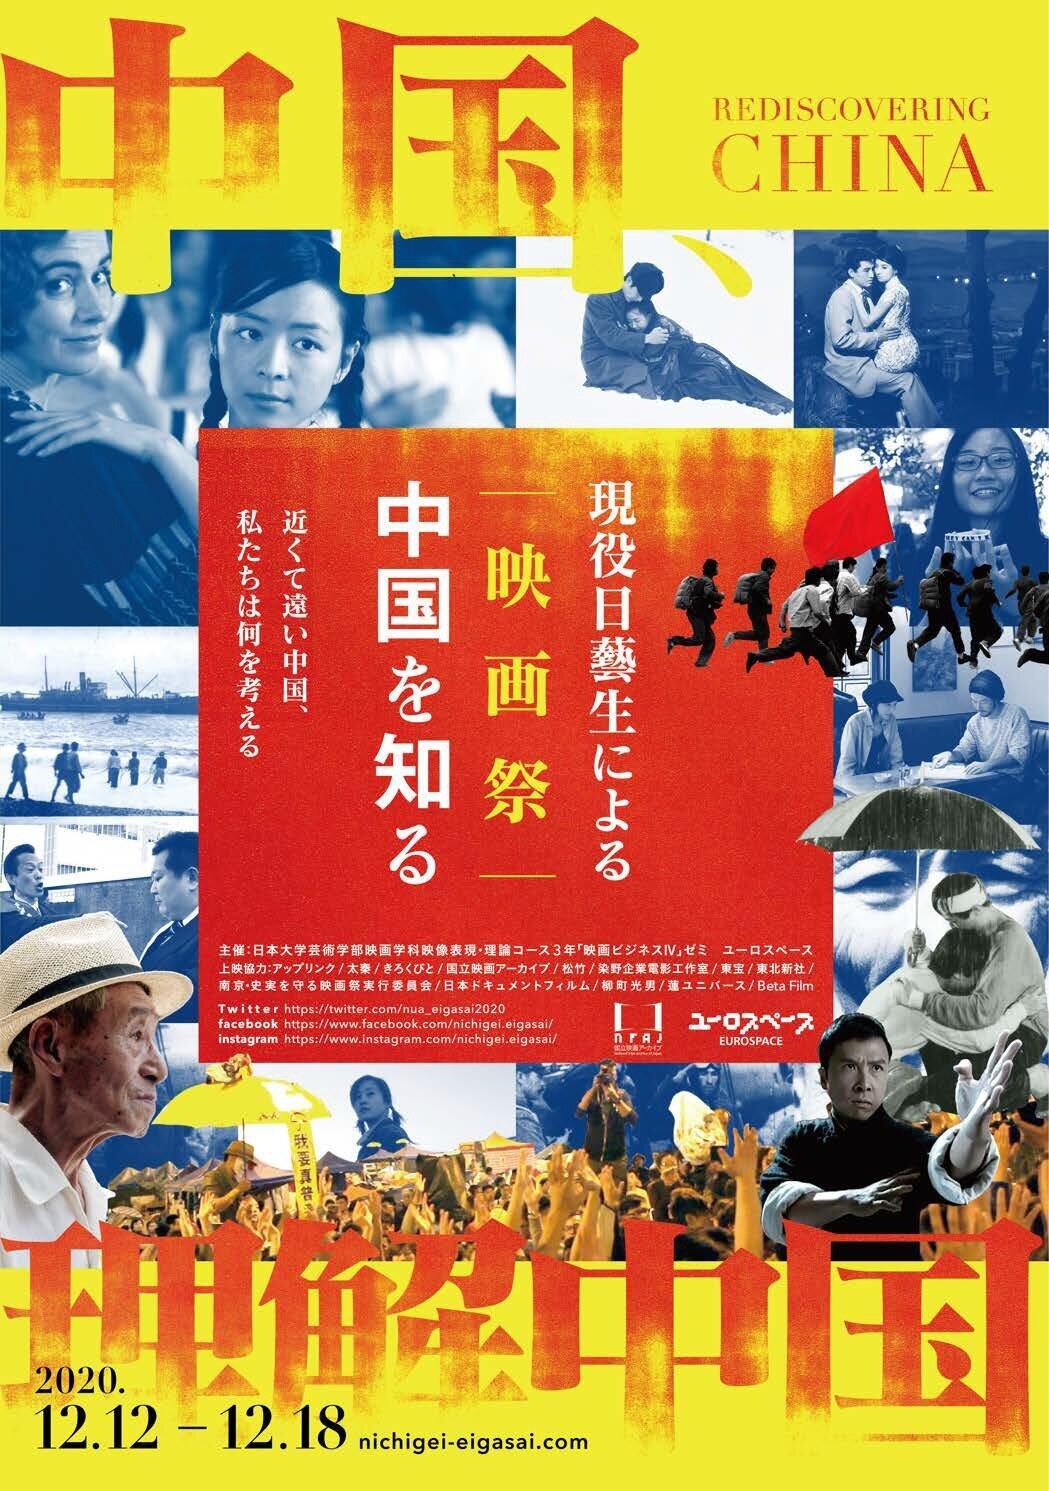 日大芸術学部学生たちによる映画祭、10年目のテーマは「中国を知る」